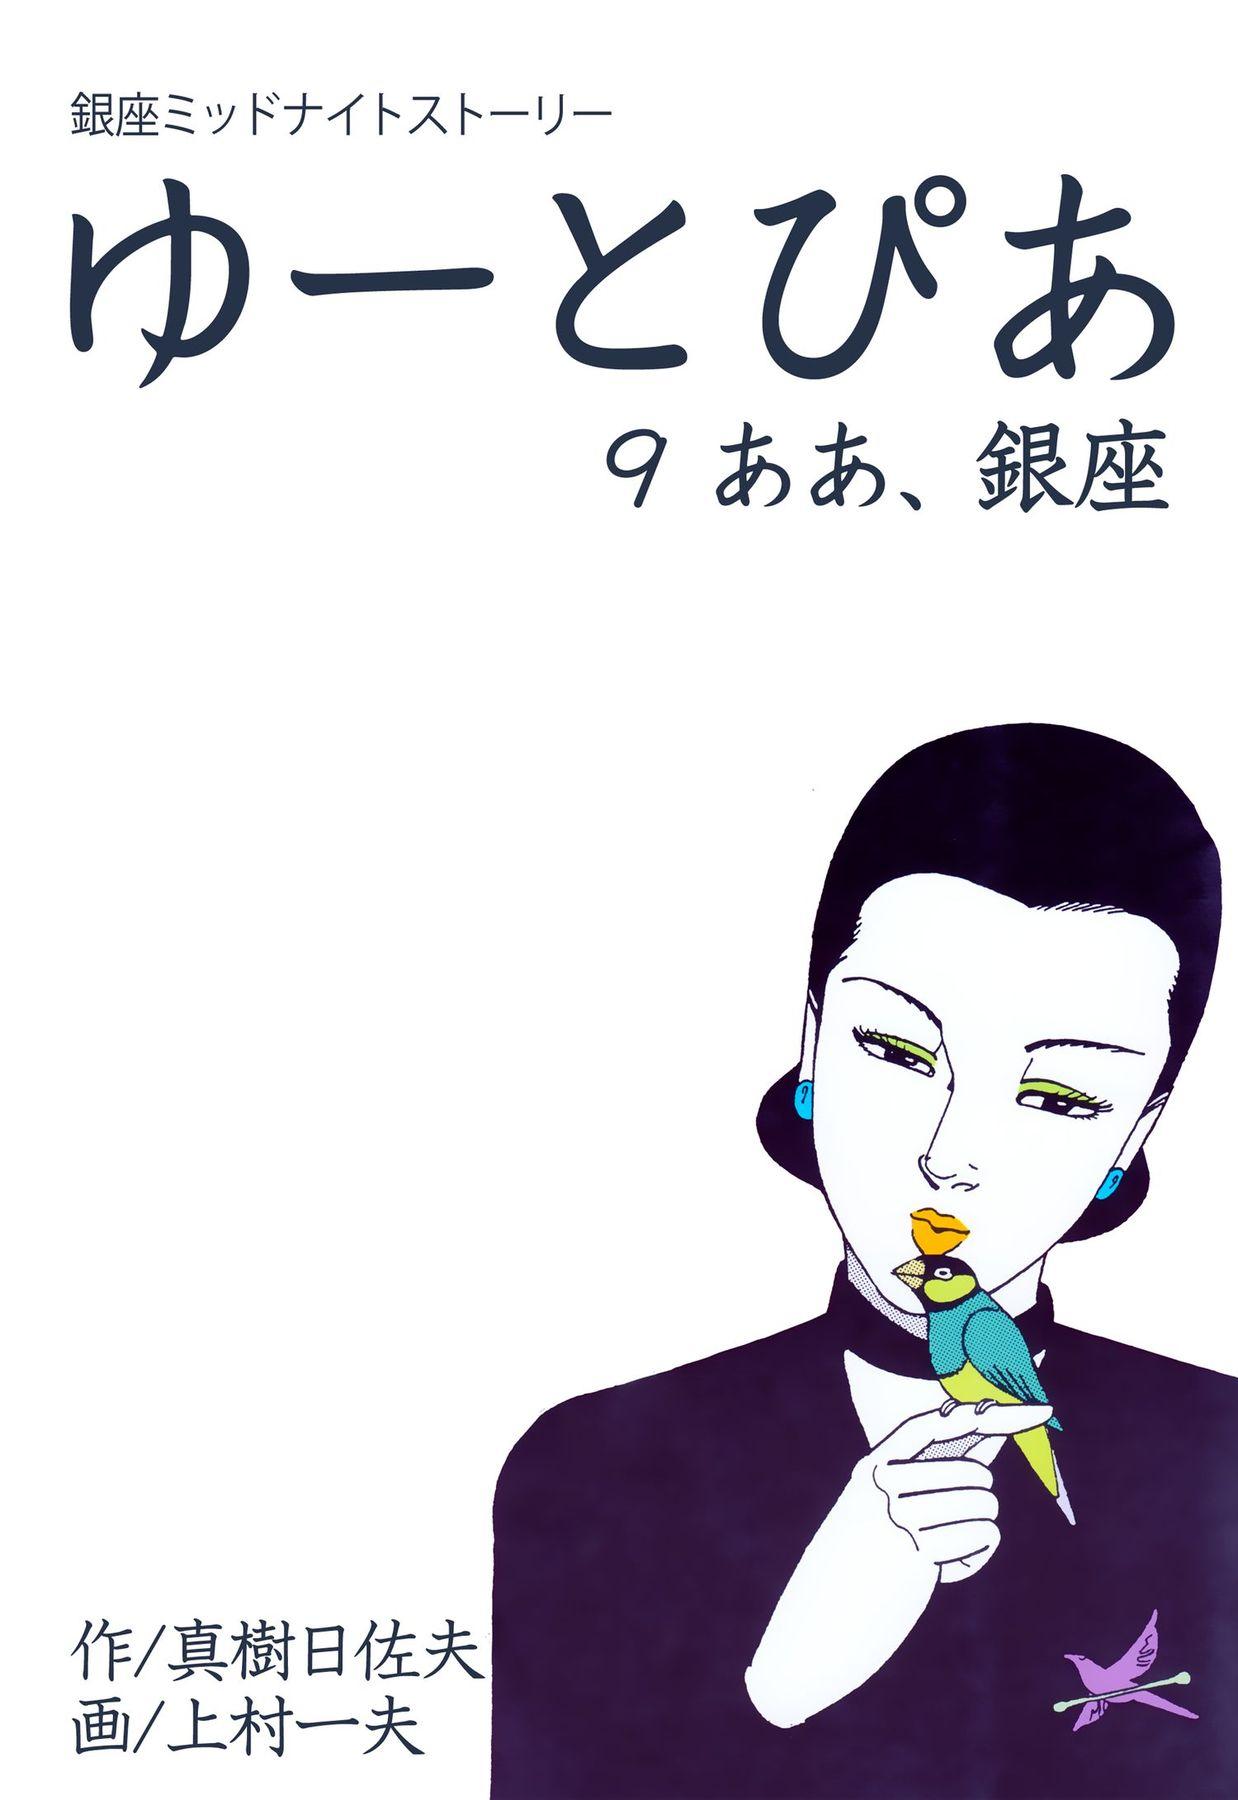 ゆーとぴあ~銀座ミッドナイトストーリー(第9巻)